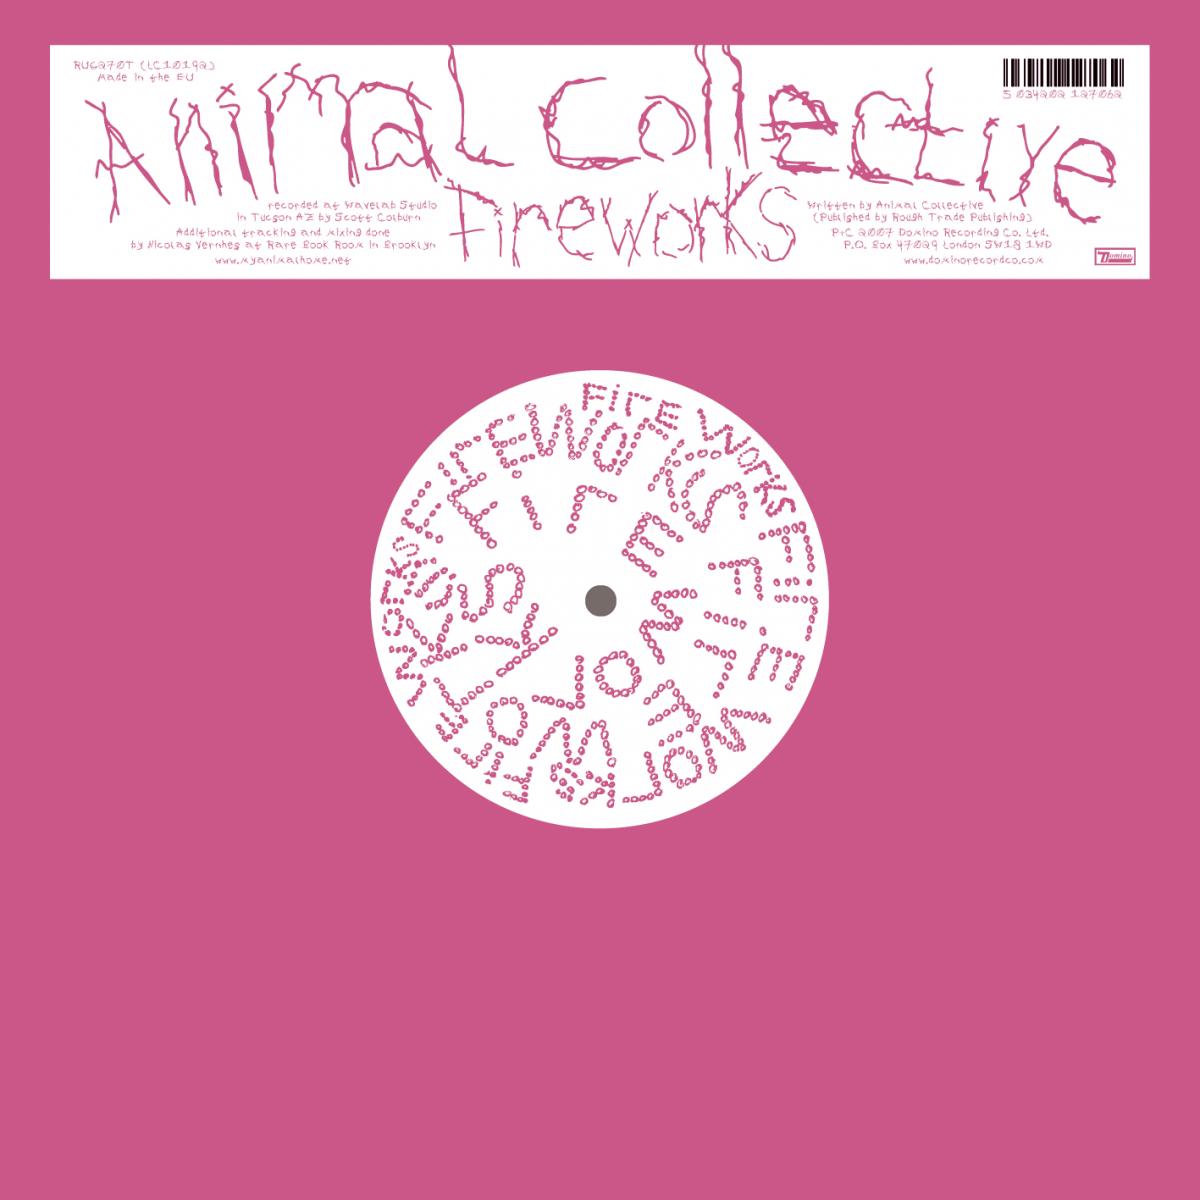 Animal Collective - Fireworks EP